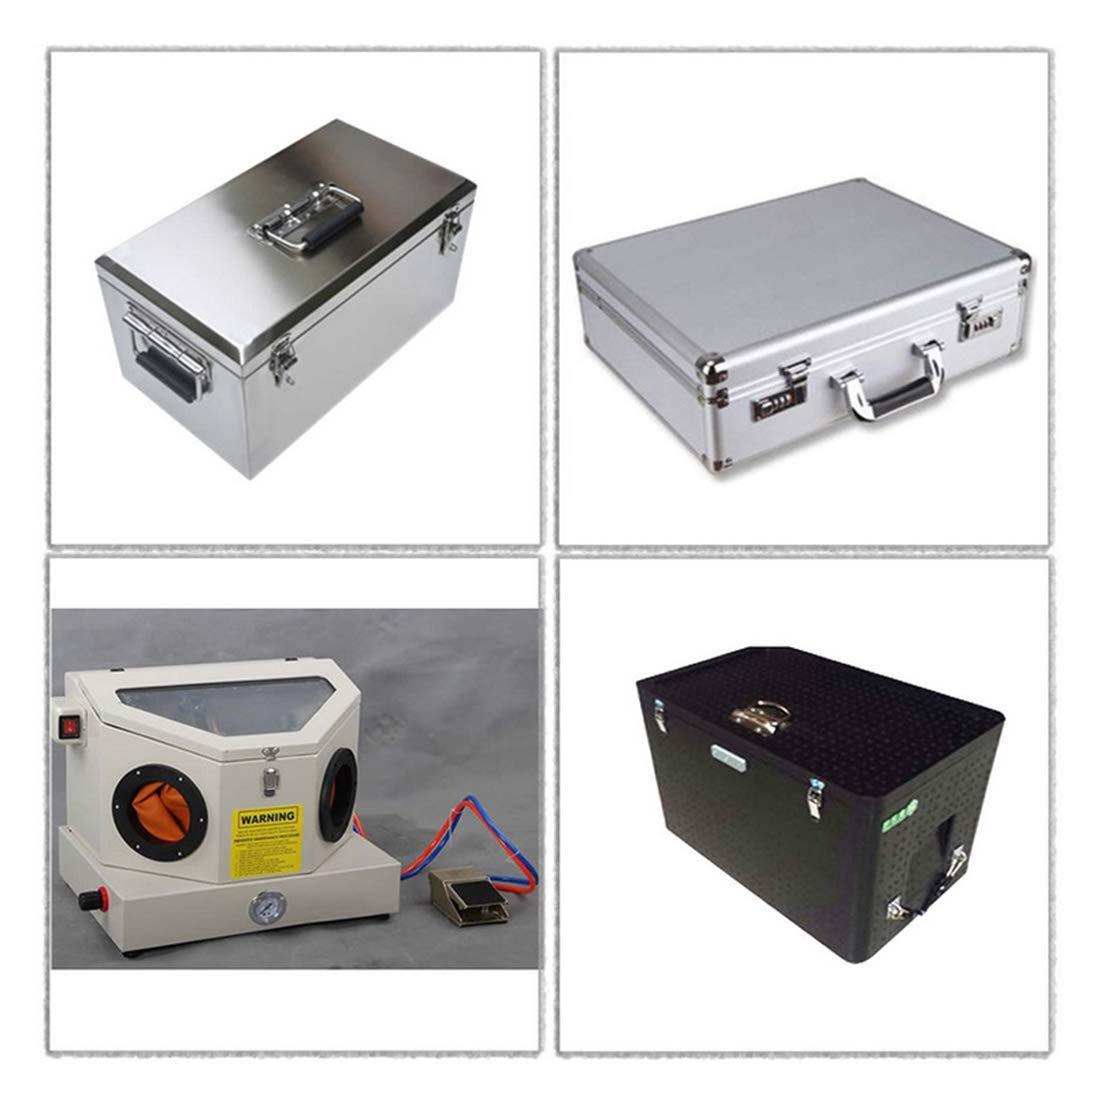 Schublade Schrank Truhe Repuhand 8 St/ück Hebelverschluss Kistenverschluss Kappenschloss Edelstahl Hebelverschluss f/ür Case Box Toolbox